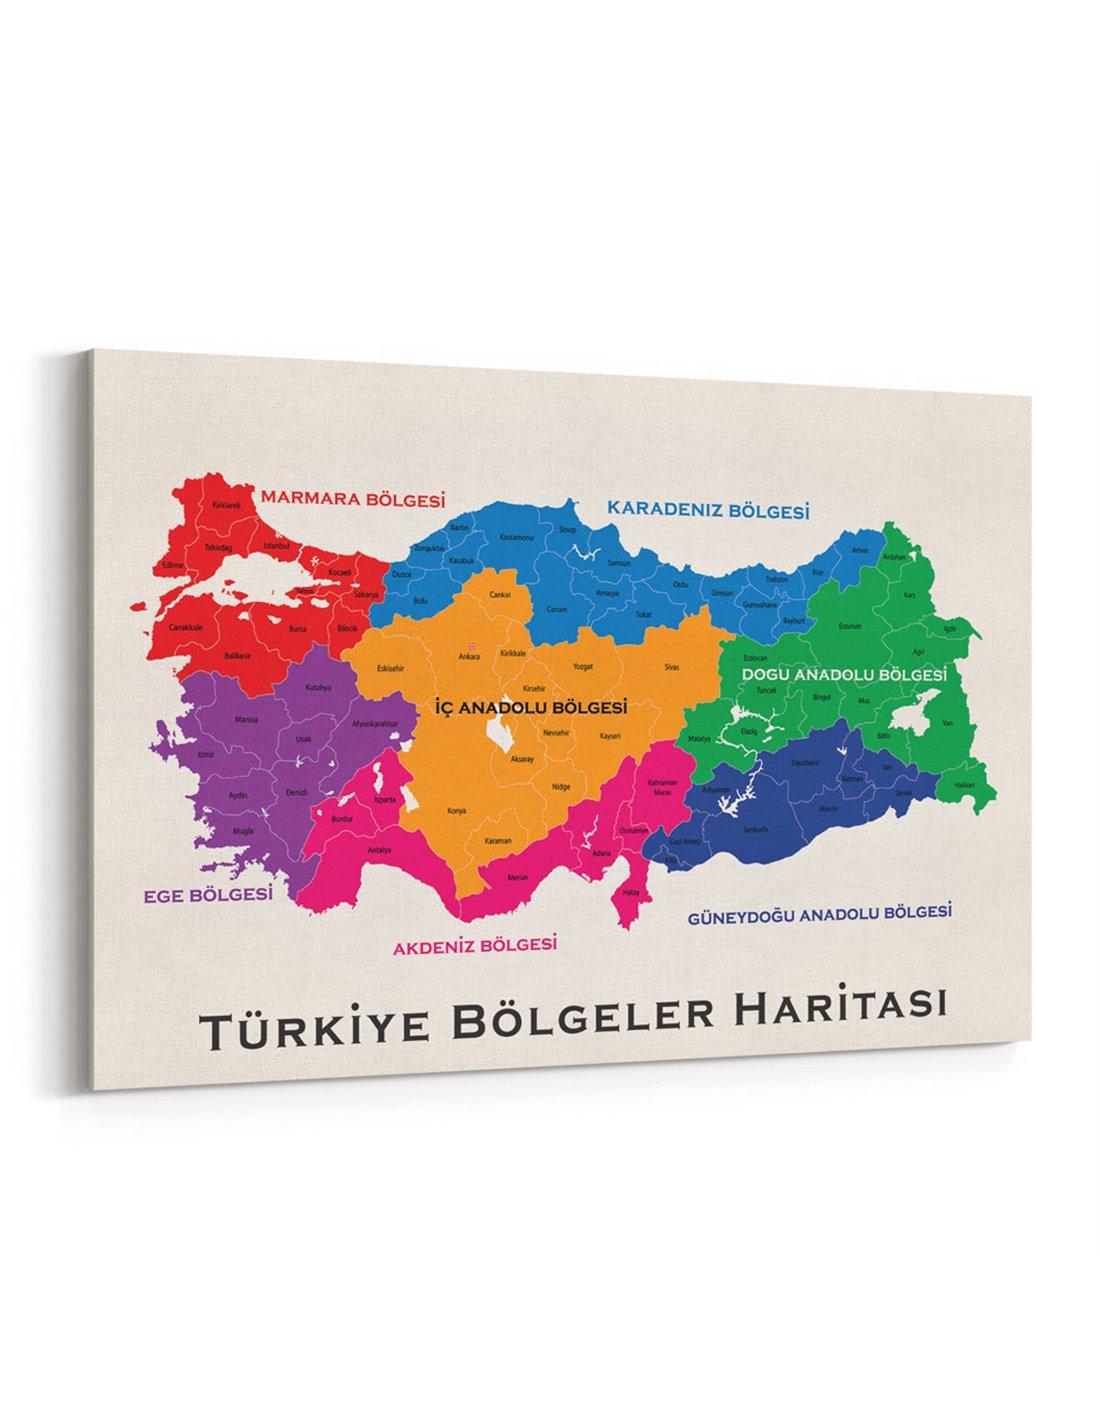 Turkiye Bolgeler Haritasi Kanvas Tablo